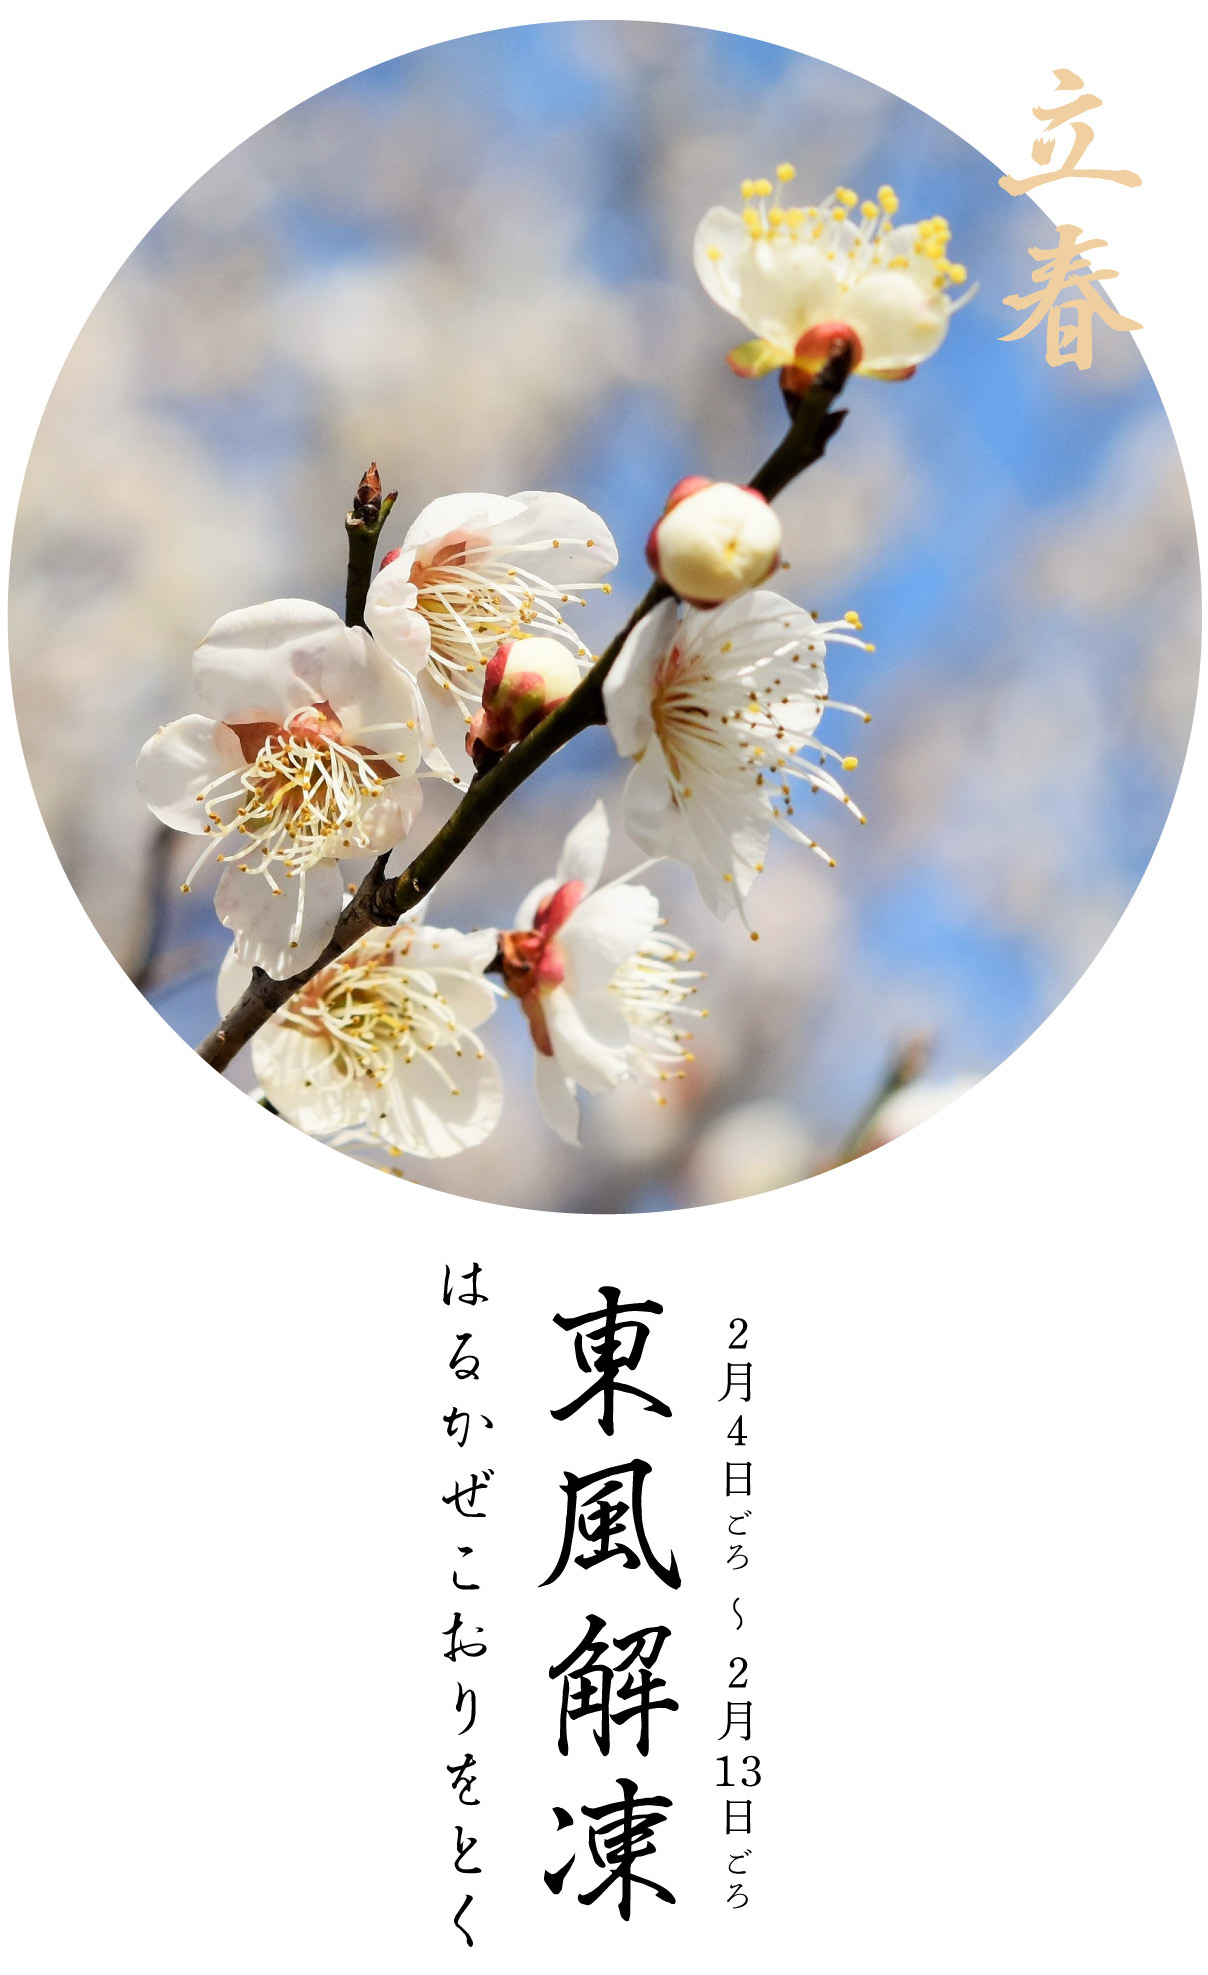 立春初候・東風解凍